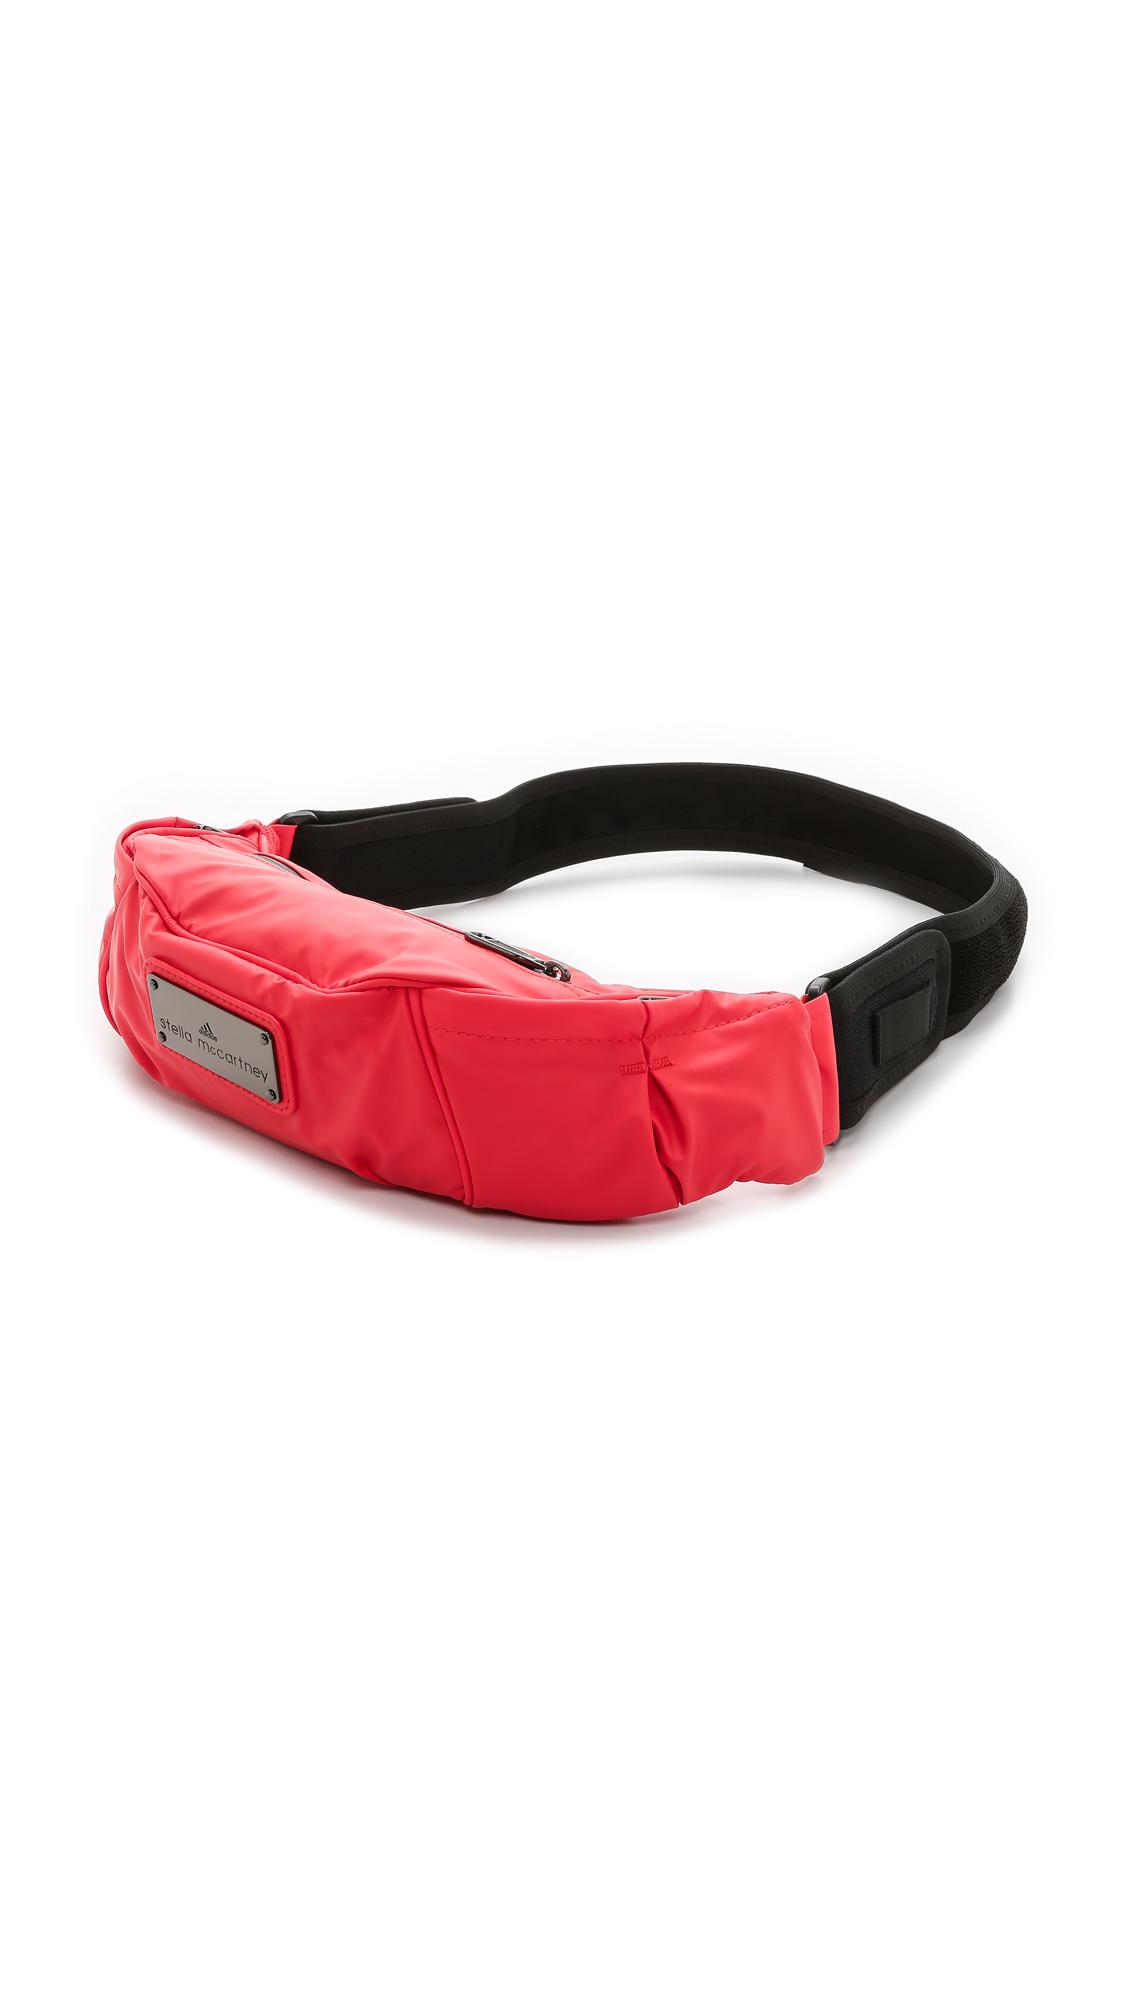 ca2dd00ed868 Adidas By Stella Mccartney Run Belt Bag